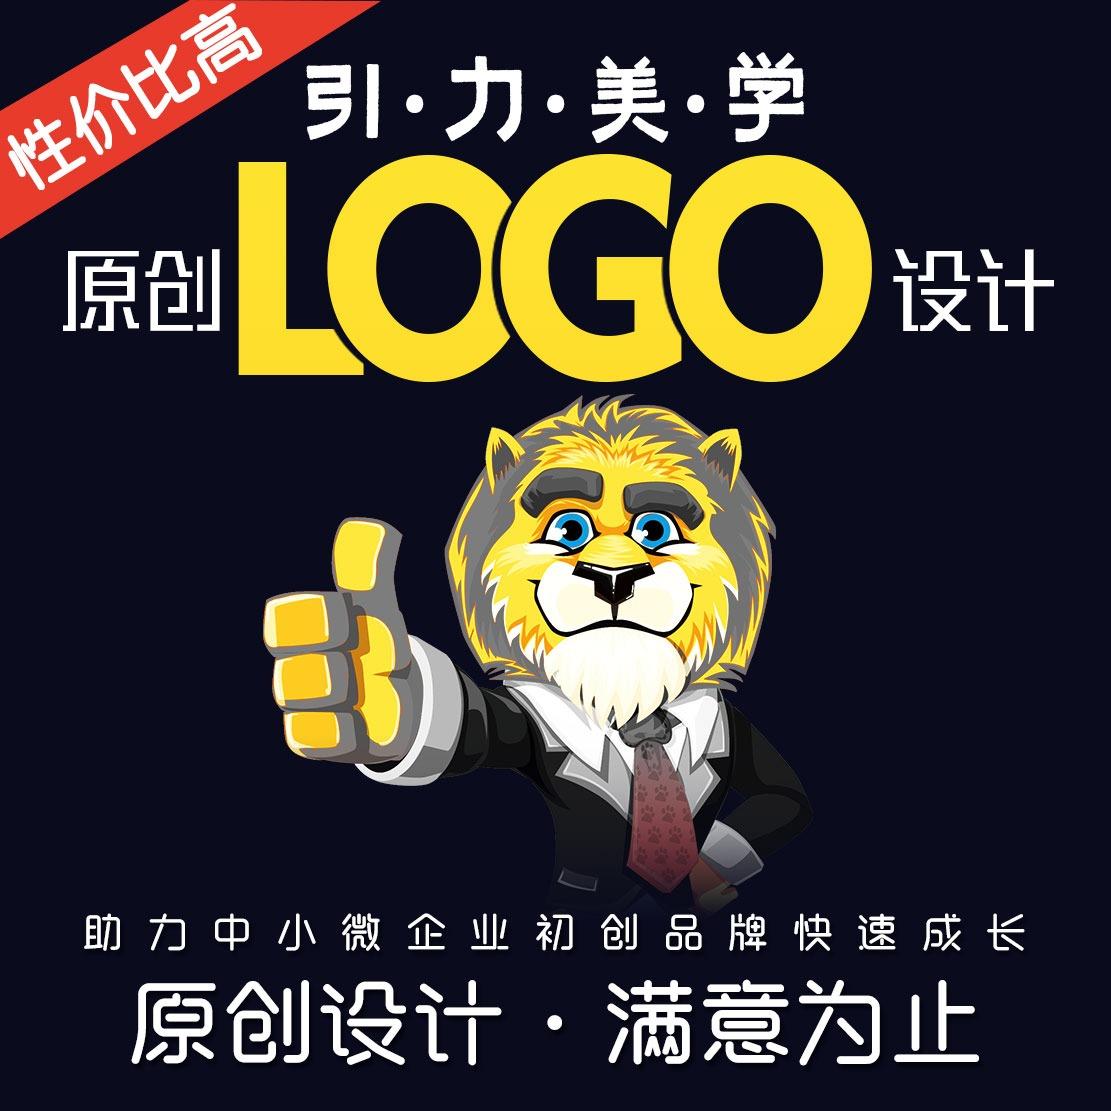 公司logo/图文logo/卡通logo/手绘logo